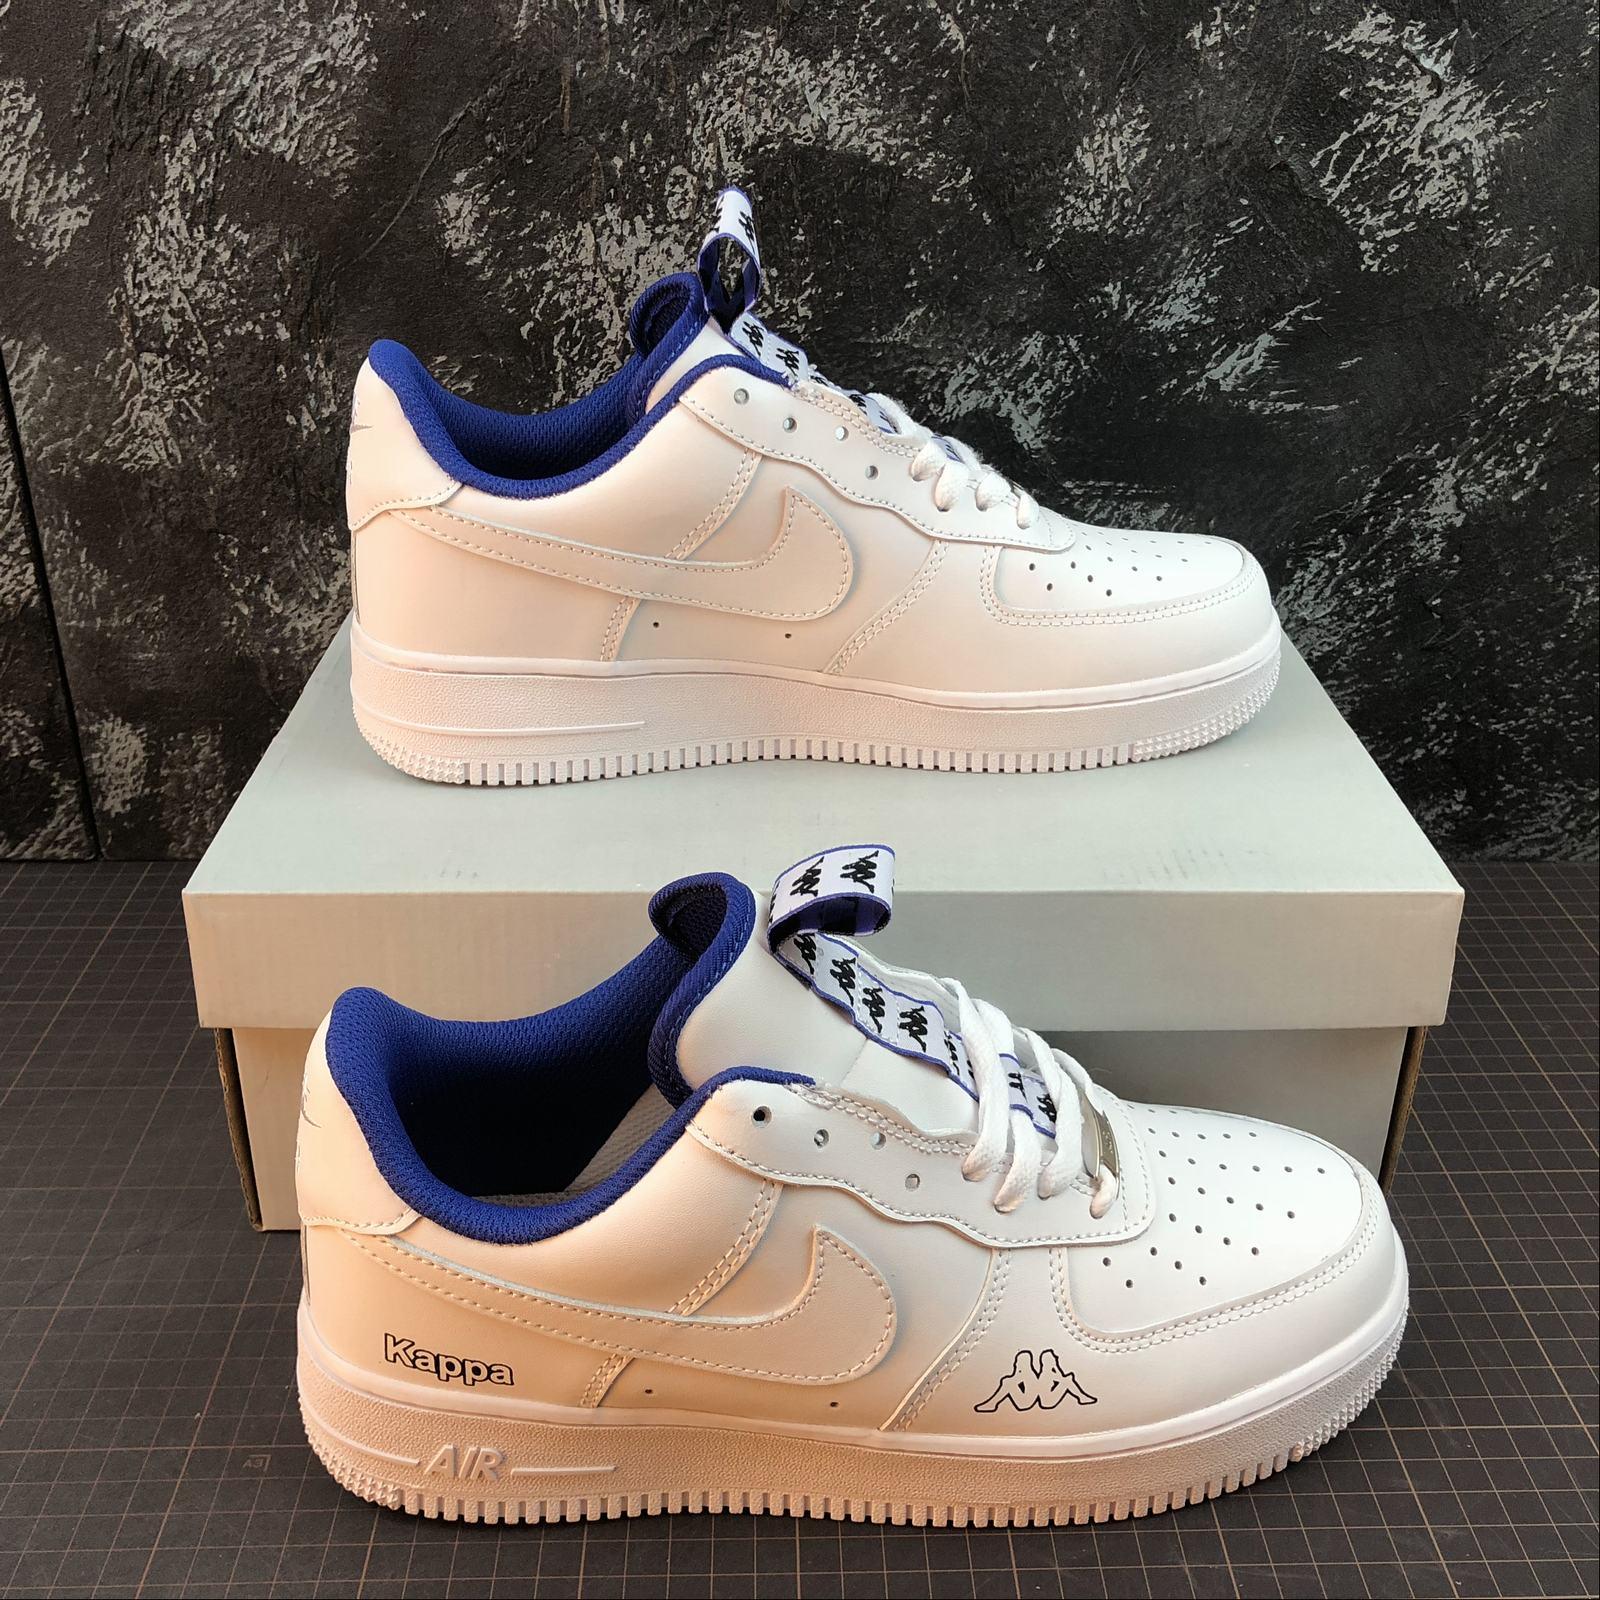 Estados Unidos esquema reserva  Nike Air Force x Kappa talla 39